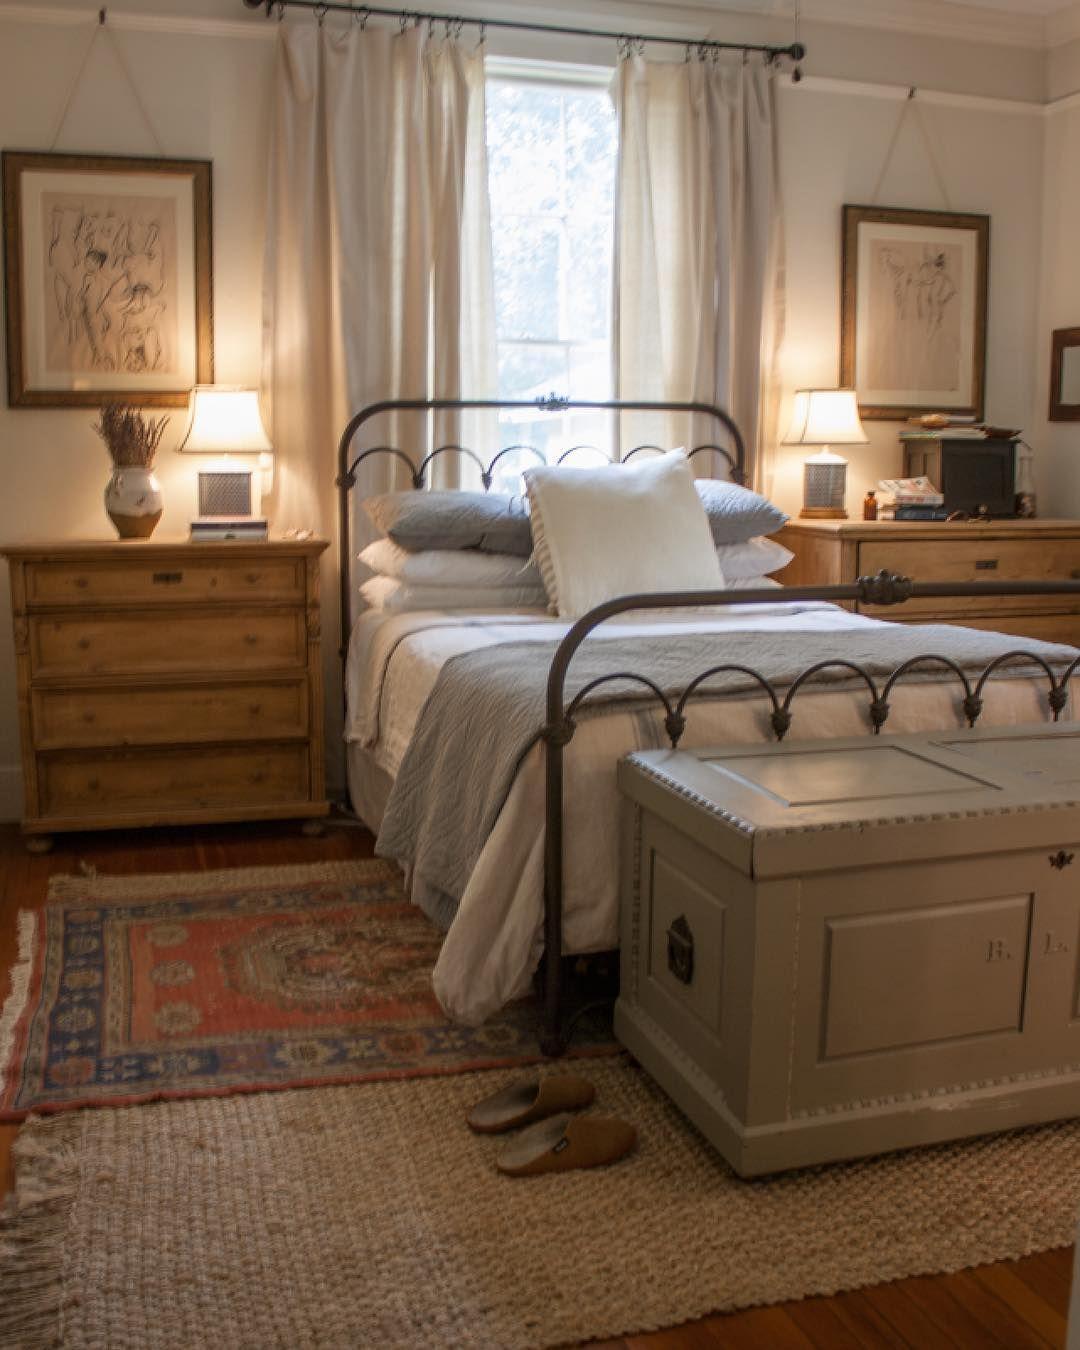 Hgtv Home Design Ideas: Pretty. Erin Napier Design @ Home Town HGTV